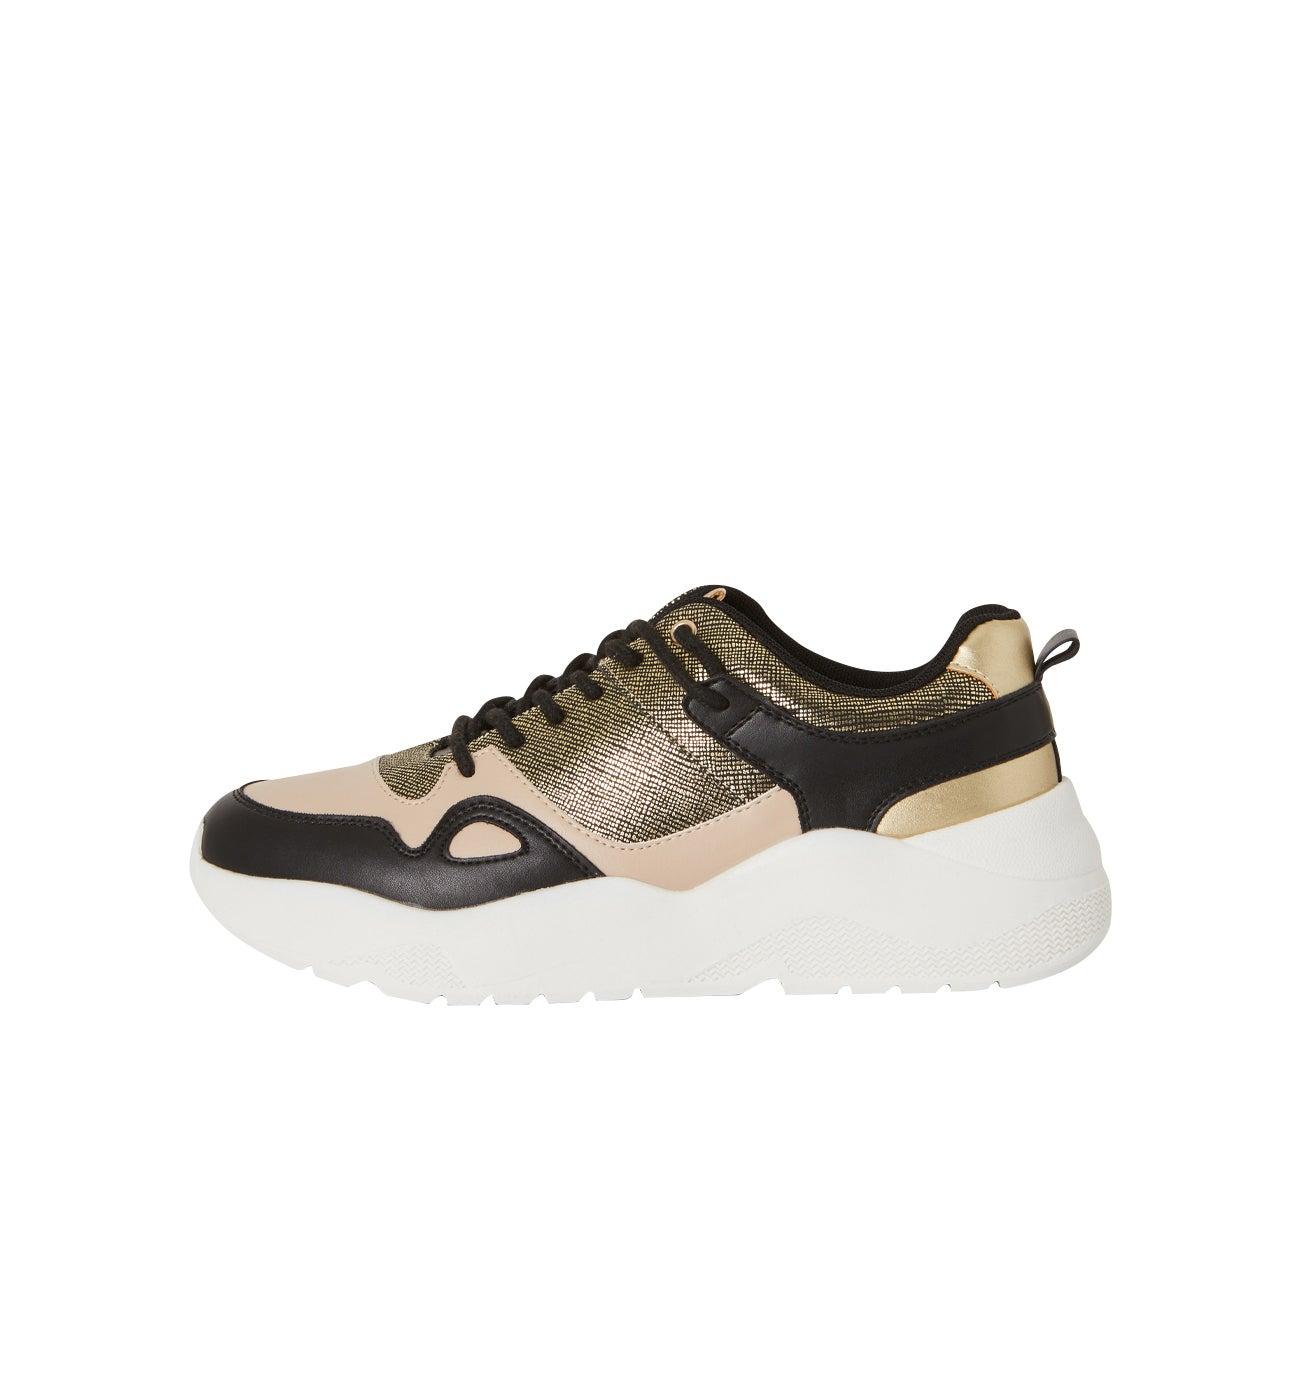 Baskets dad shoes Femme